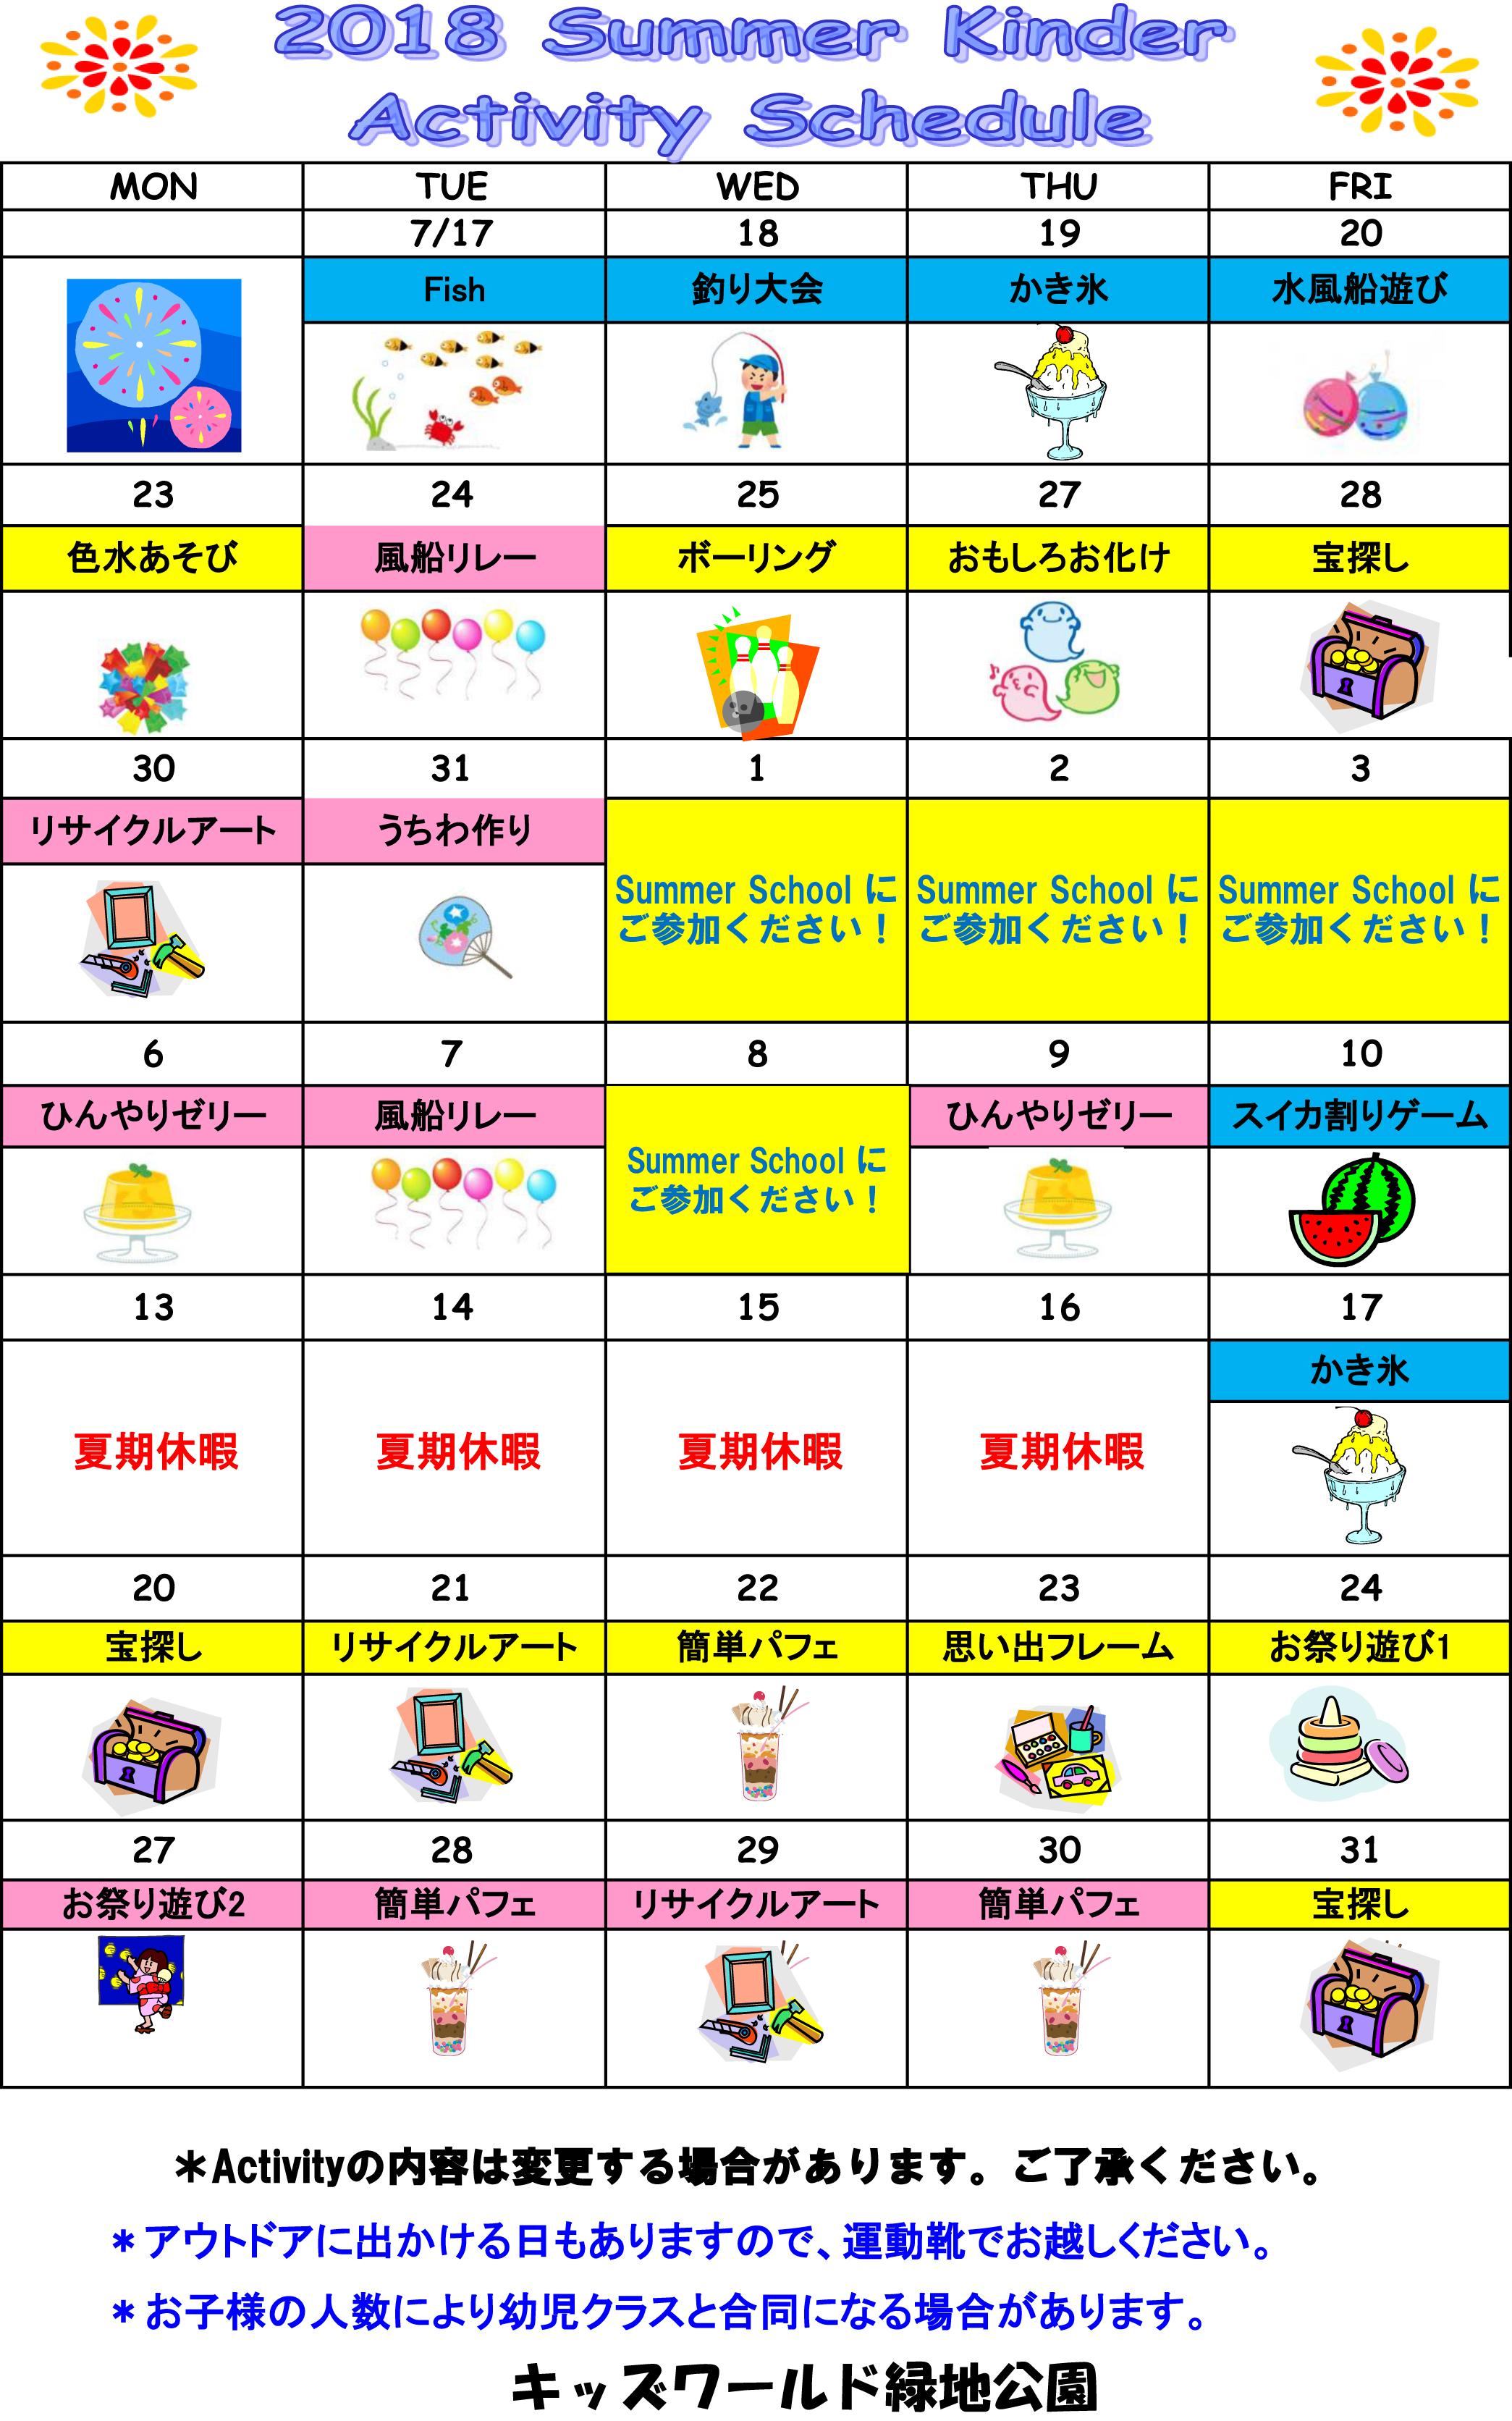 【緑地公園】Summer-Kinder2018スケジュール